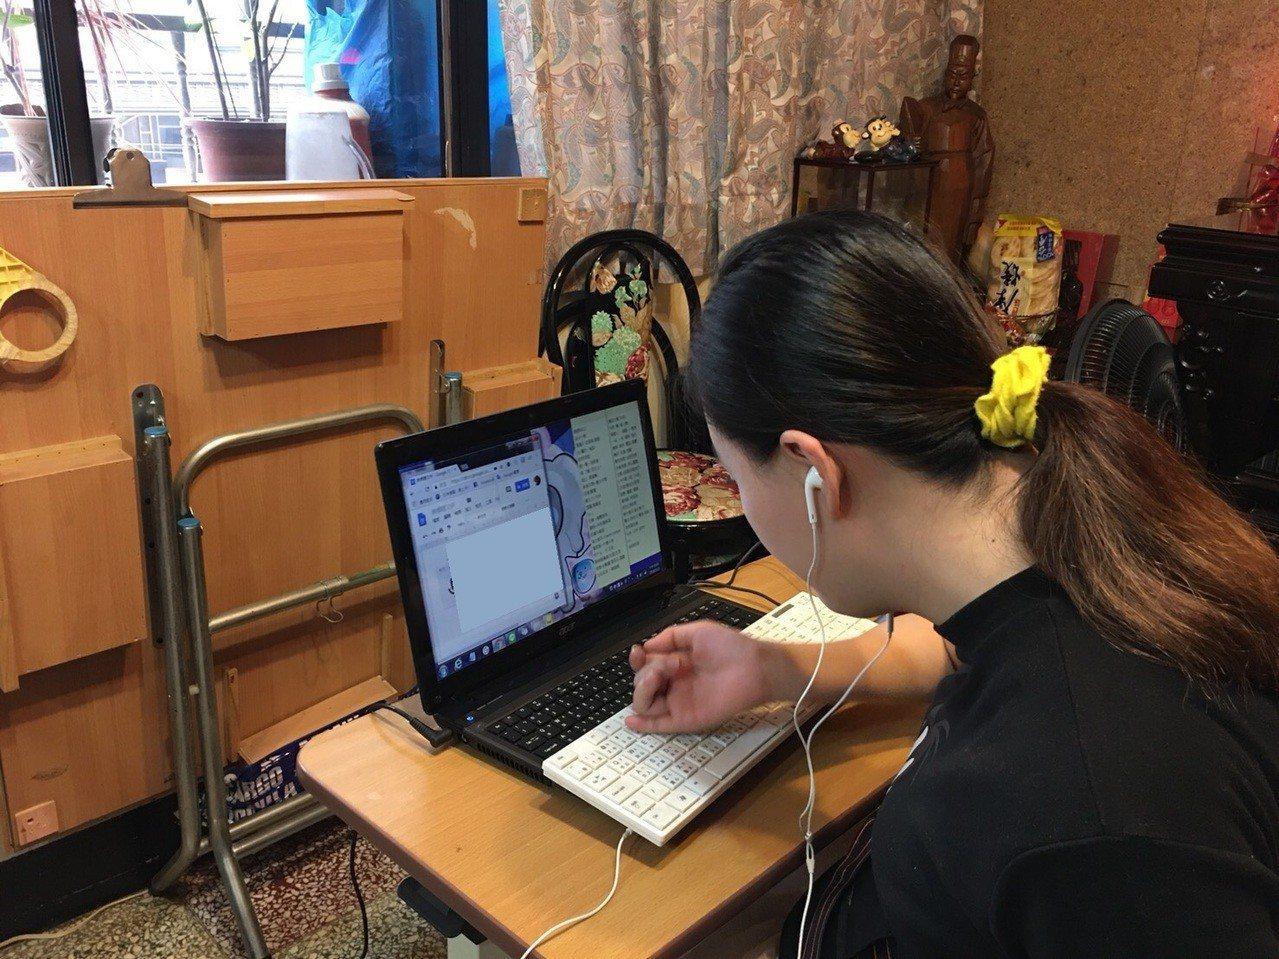 劉品吟在居家就業就服員積極媒合,獲得打字工作室工作機會。圖/新北勞工局提供